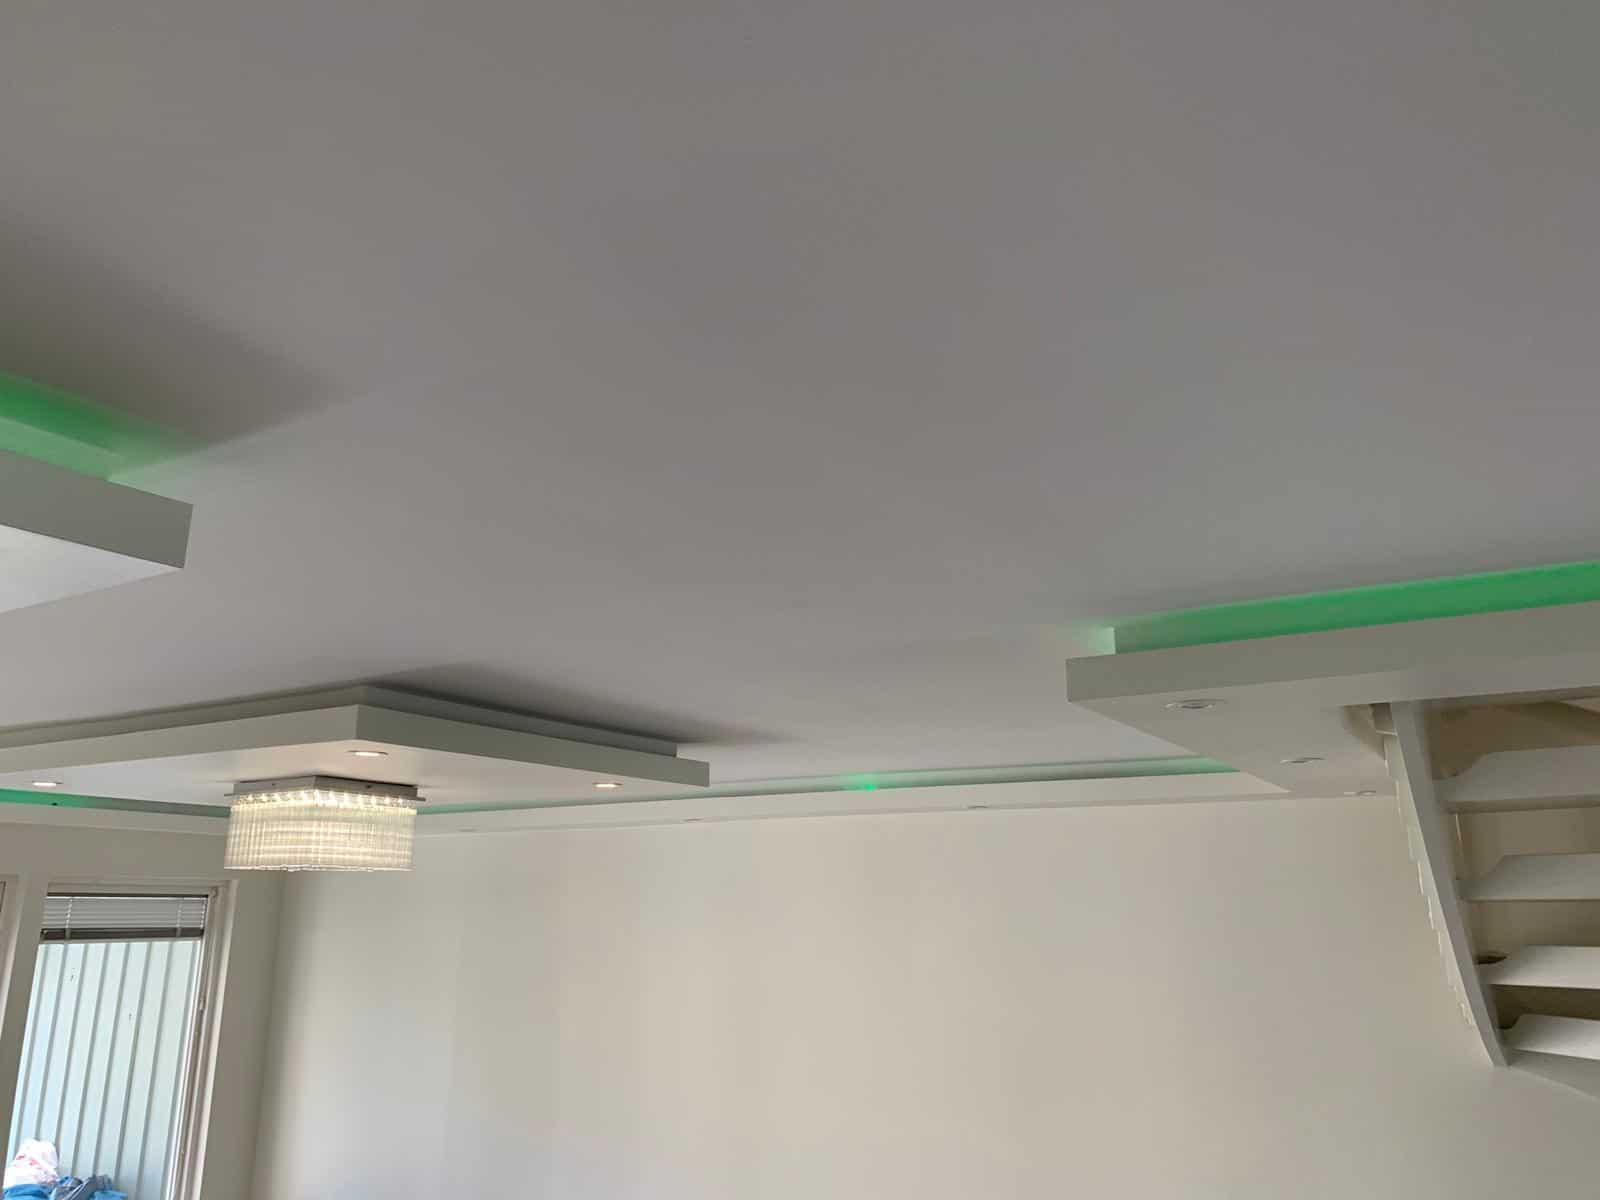 """Referensjobb """"installation el tak"""" utfört av Botkyrka Elteknik AB"""